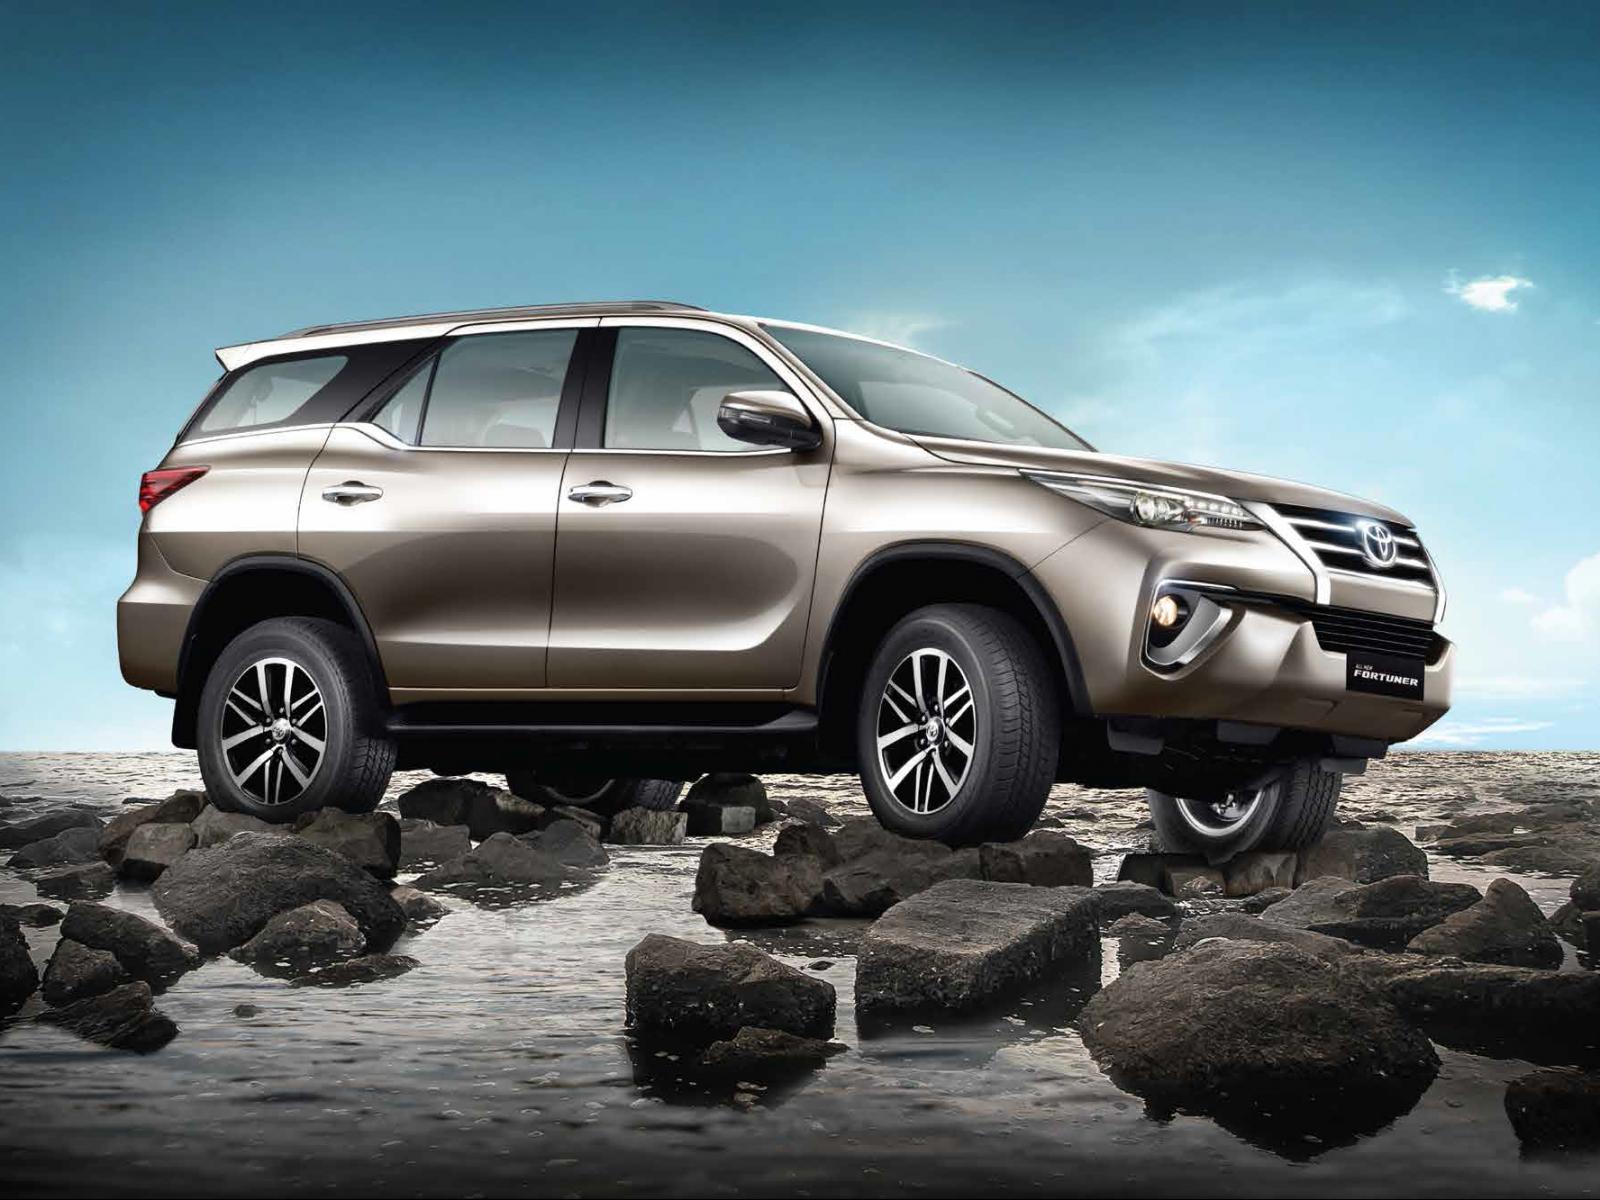 Toyota Fortuner - Fortuner Vs Endeavour Vs Alturas , HD Wallpaper & Backgrounds